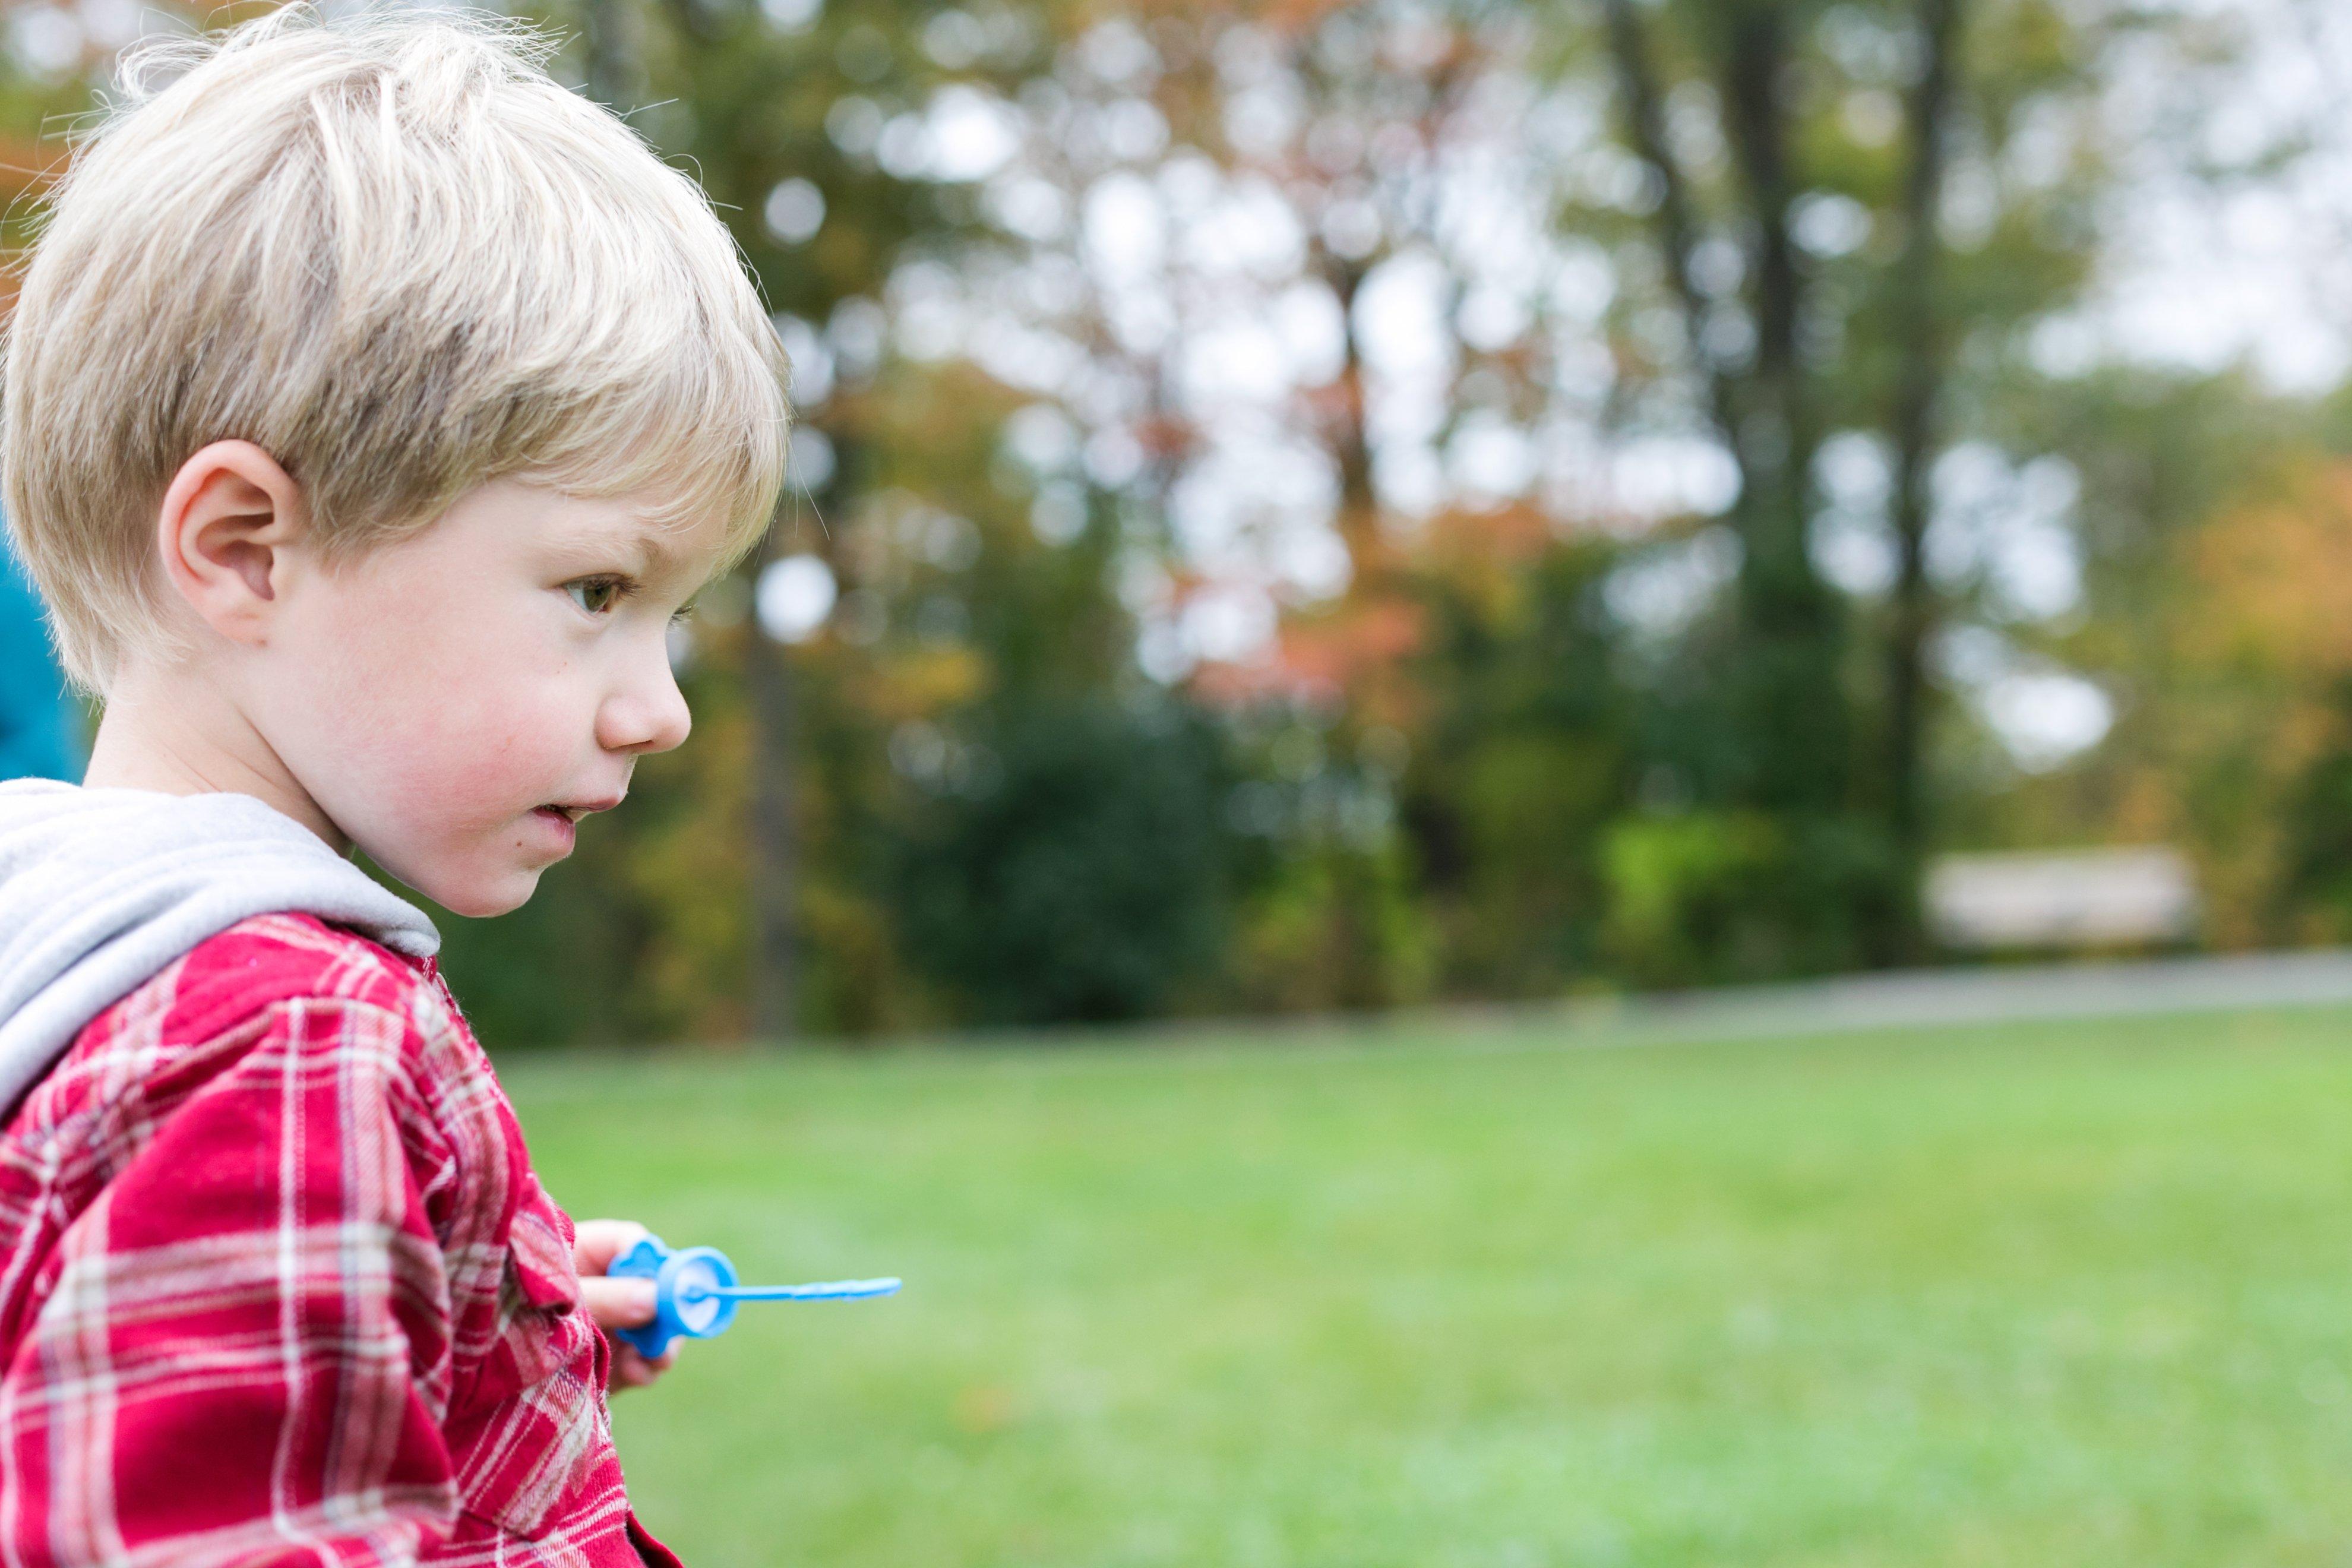 Perda Auditiva Na Infância – Prevenção é O Melhor Caminho